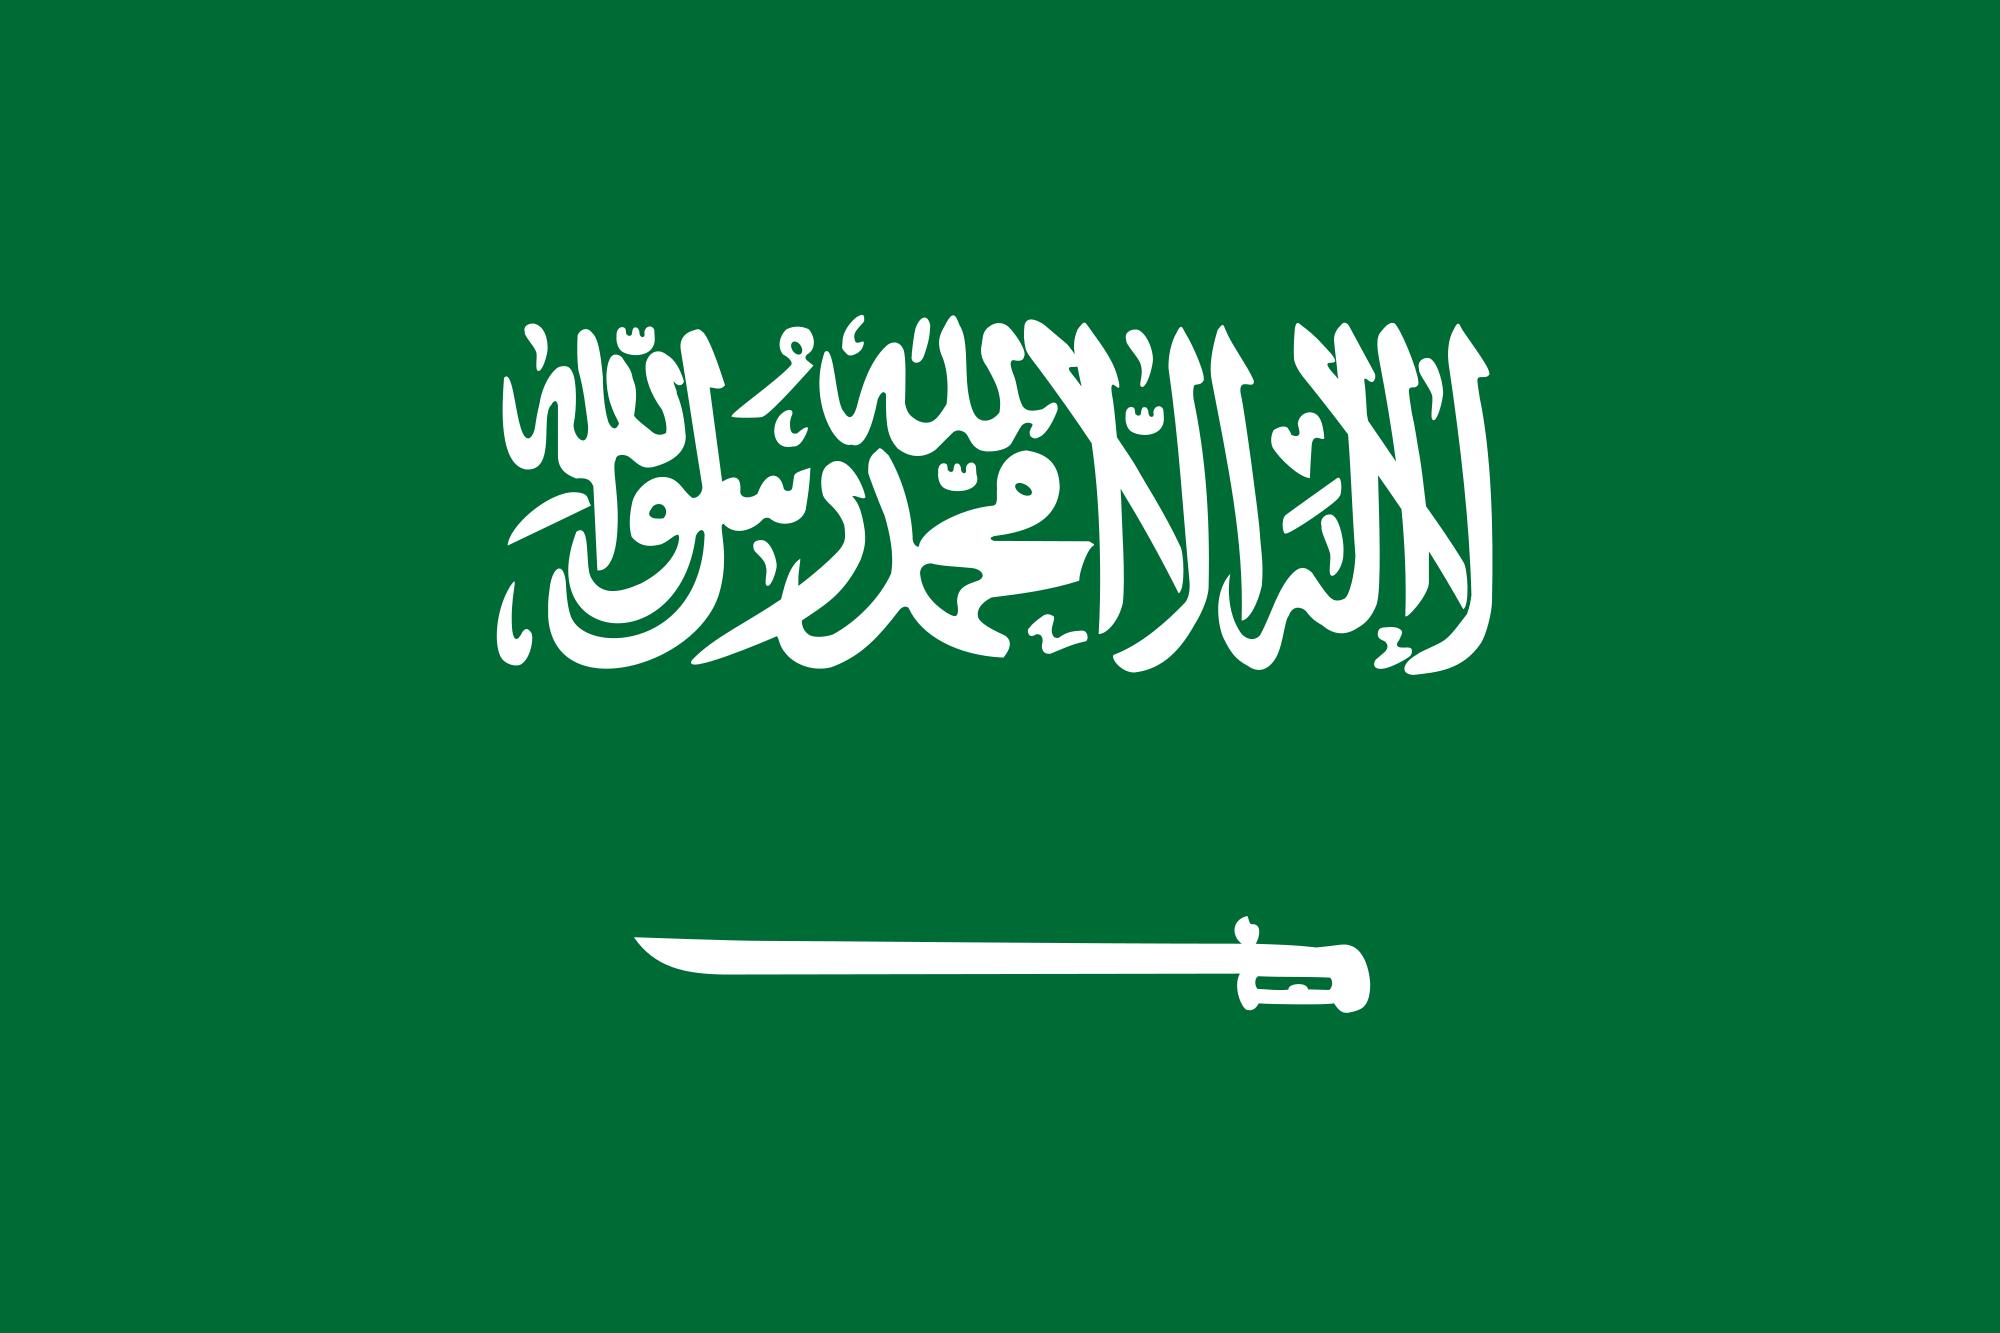 بالصور صور علم السعوديه , اجمل صور لعلم السعودية 444